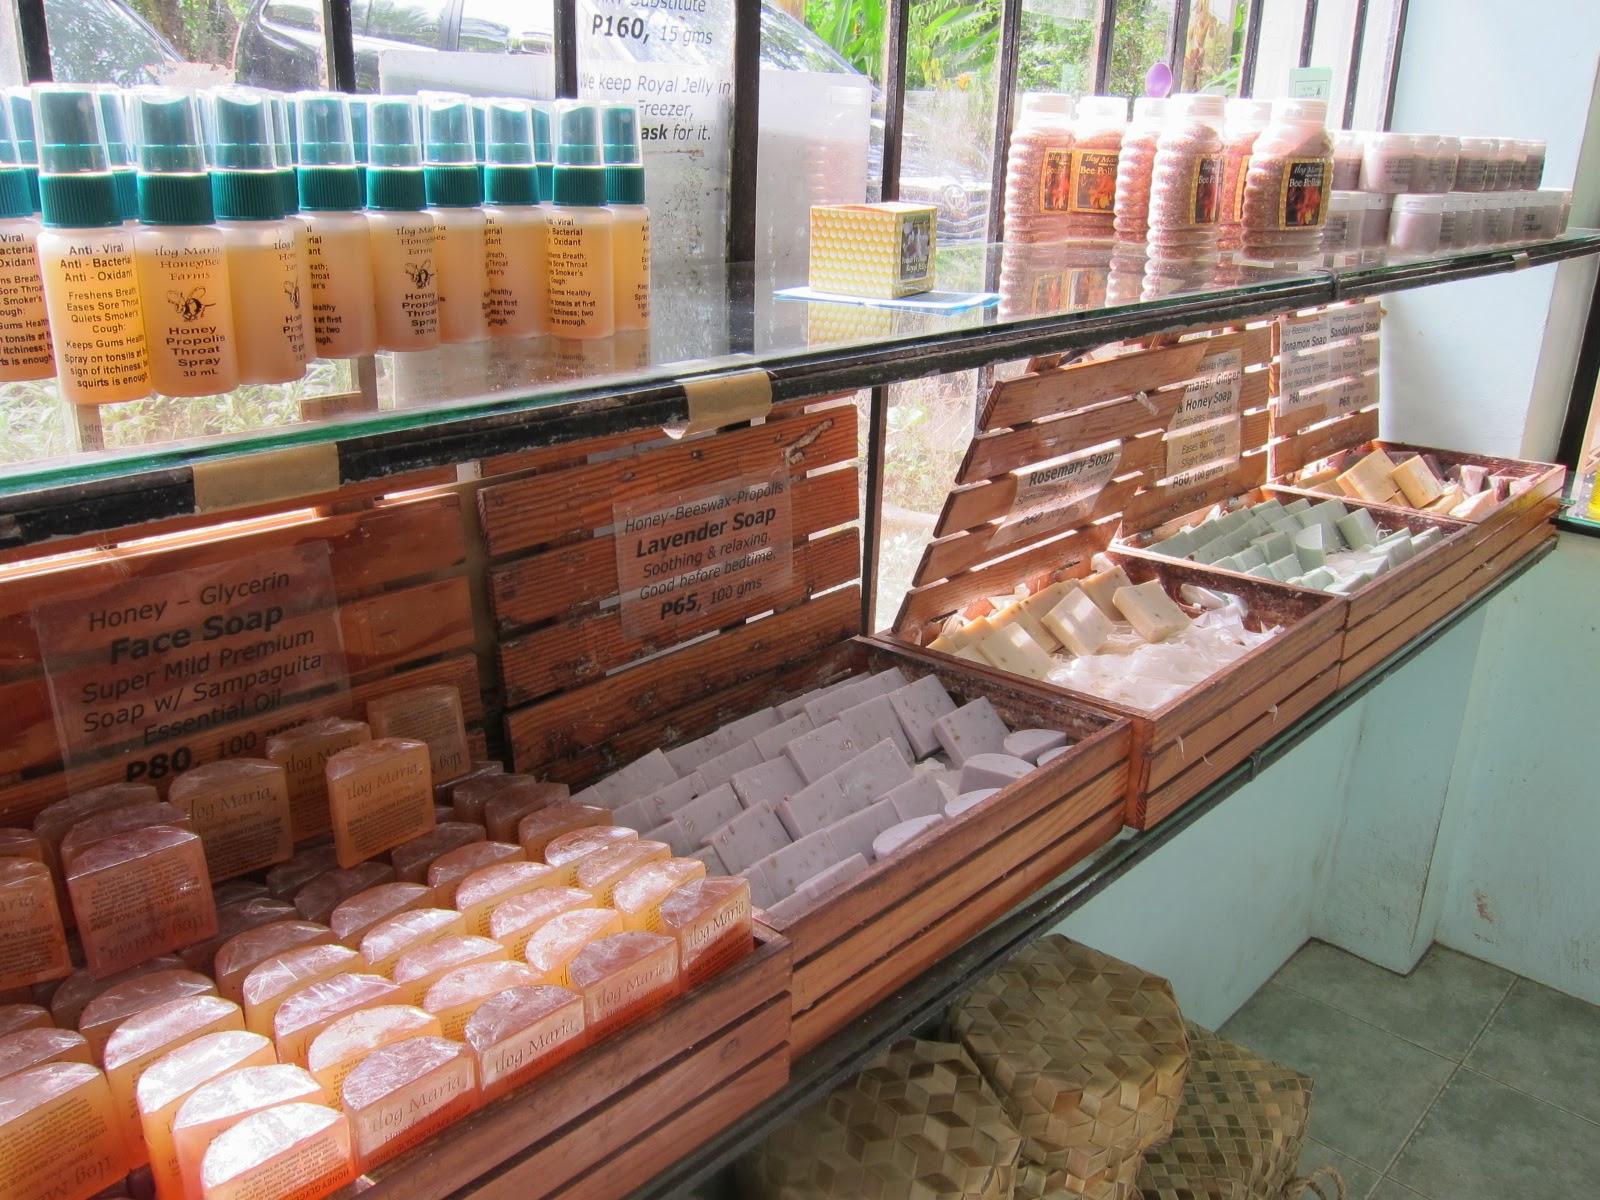 Image via itsjessicachoy.blogspot.com